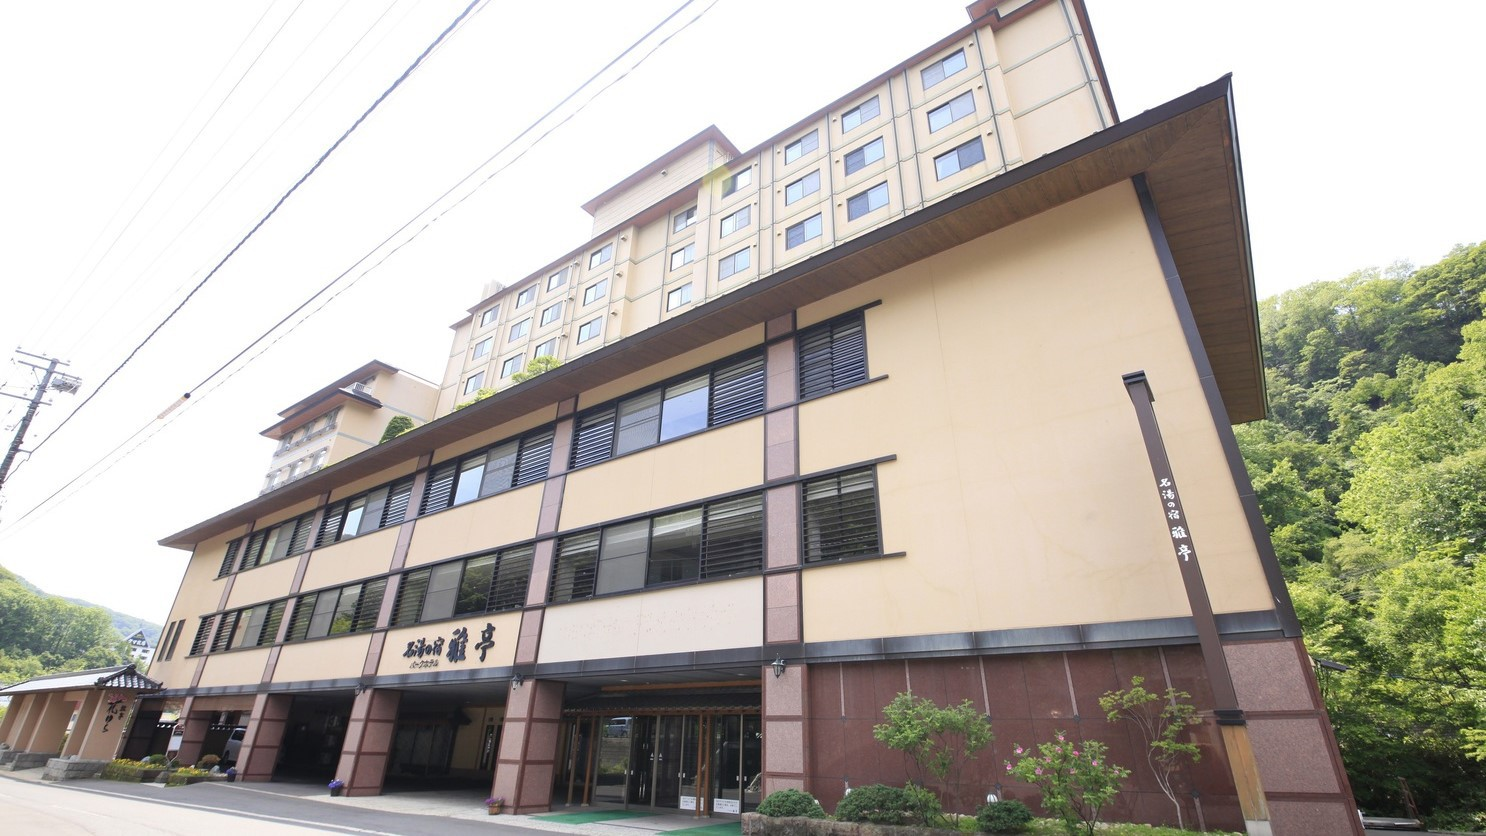 登別温泉 名湯の宿 パークホテル雅亭 image